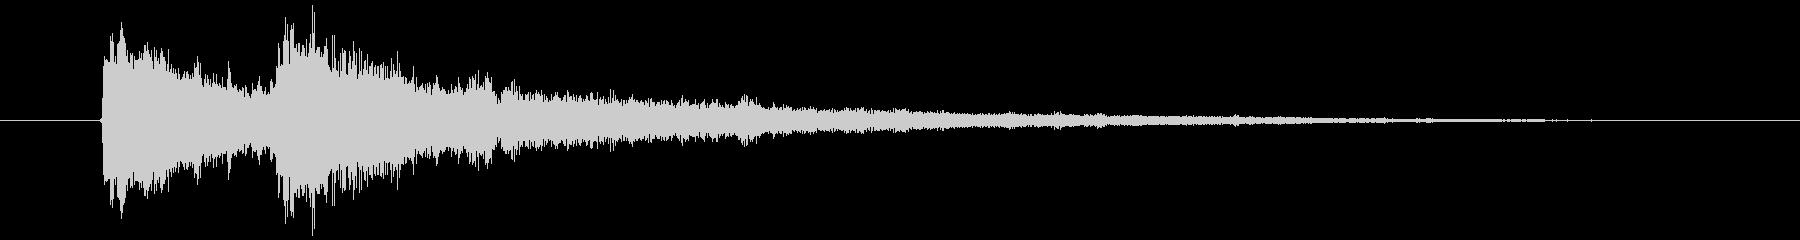 クイズ正解音(ピンポン)4の未再生の波形